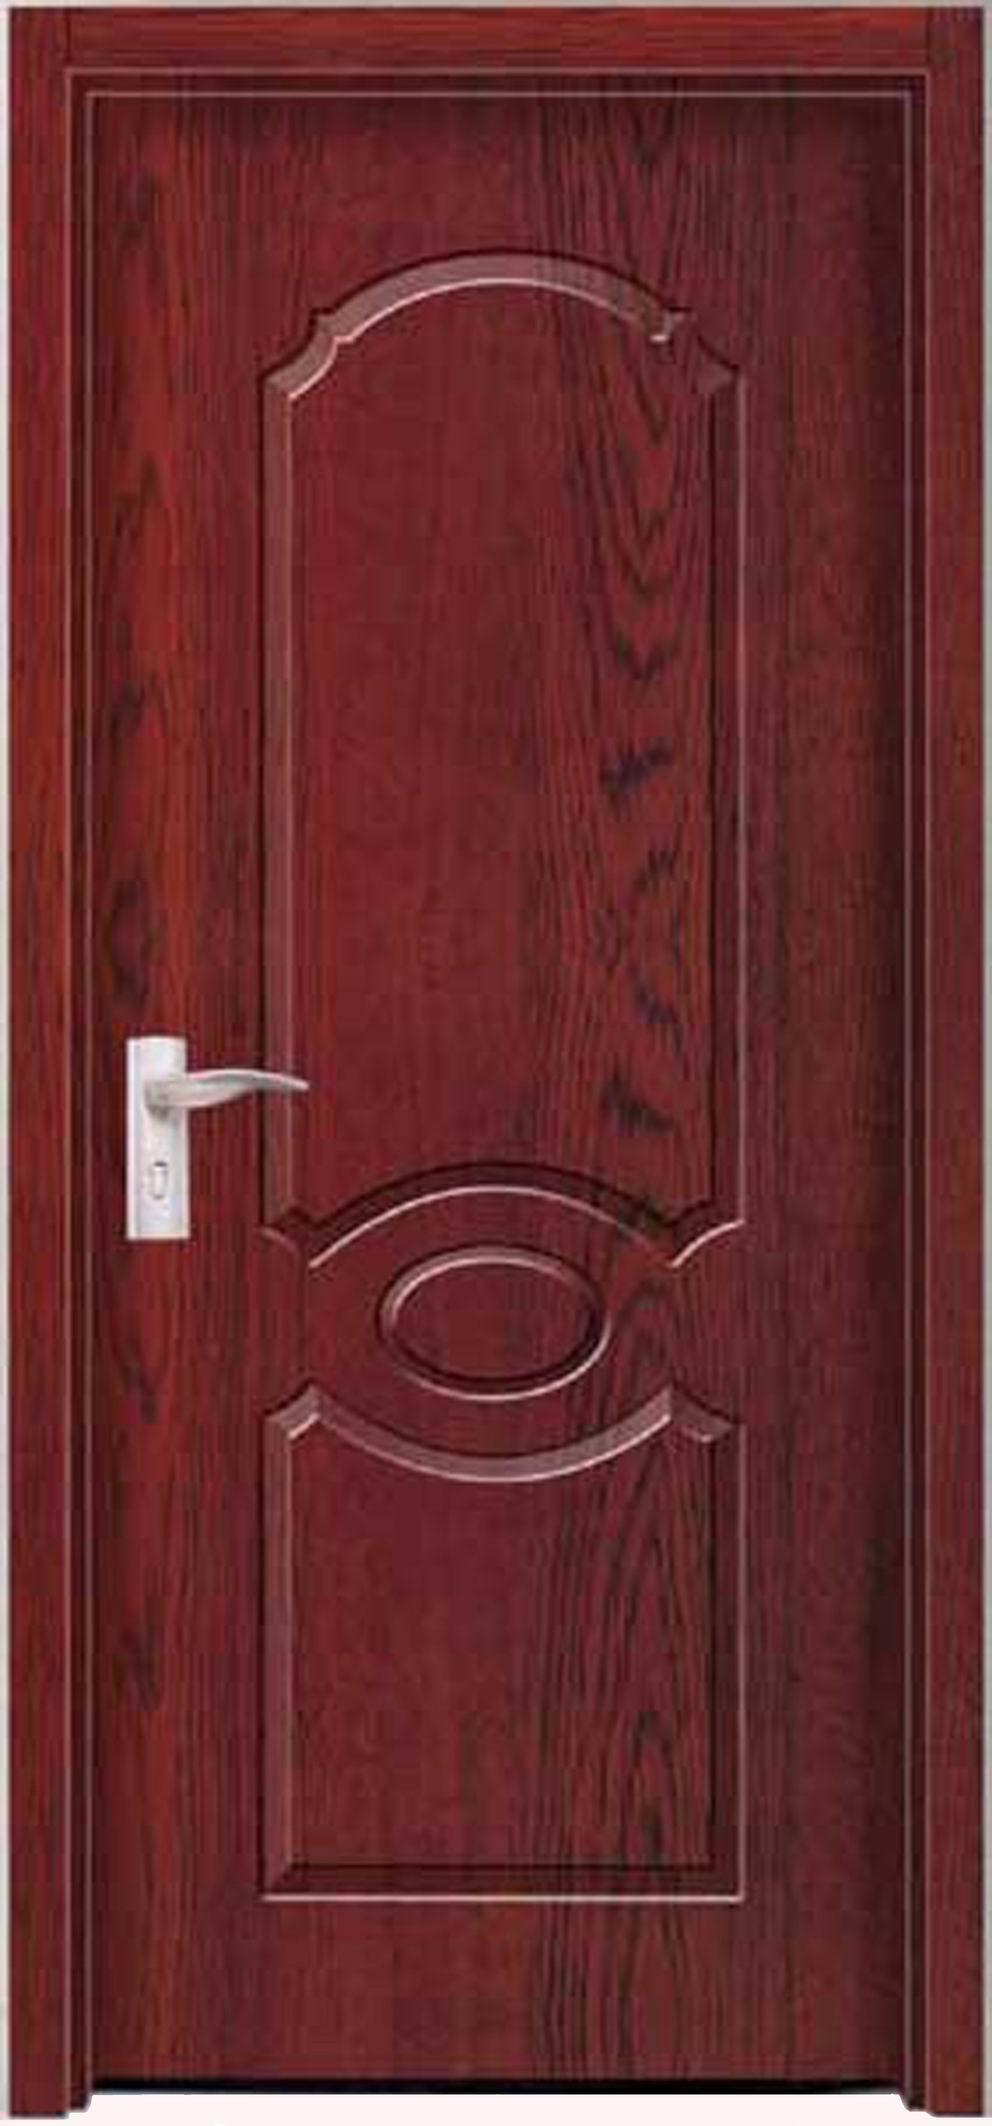 Door images hd door opening hd stock footage clip for Door picture